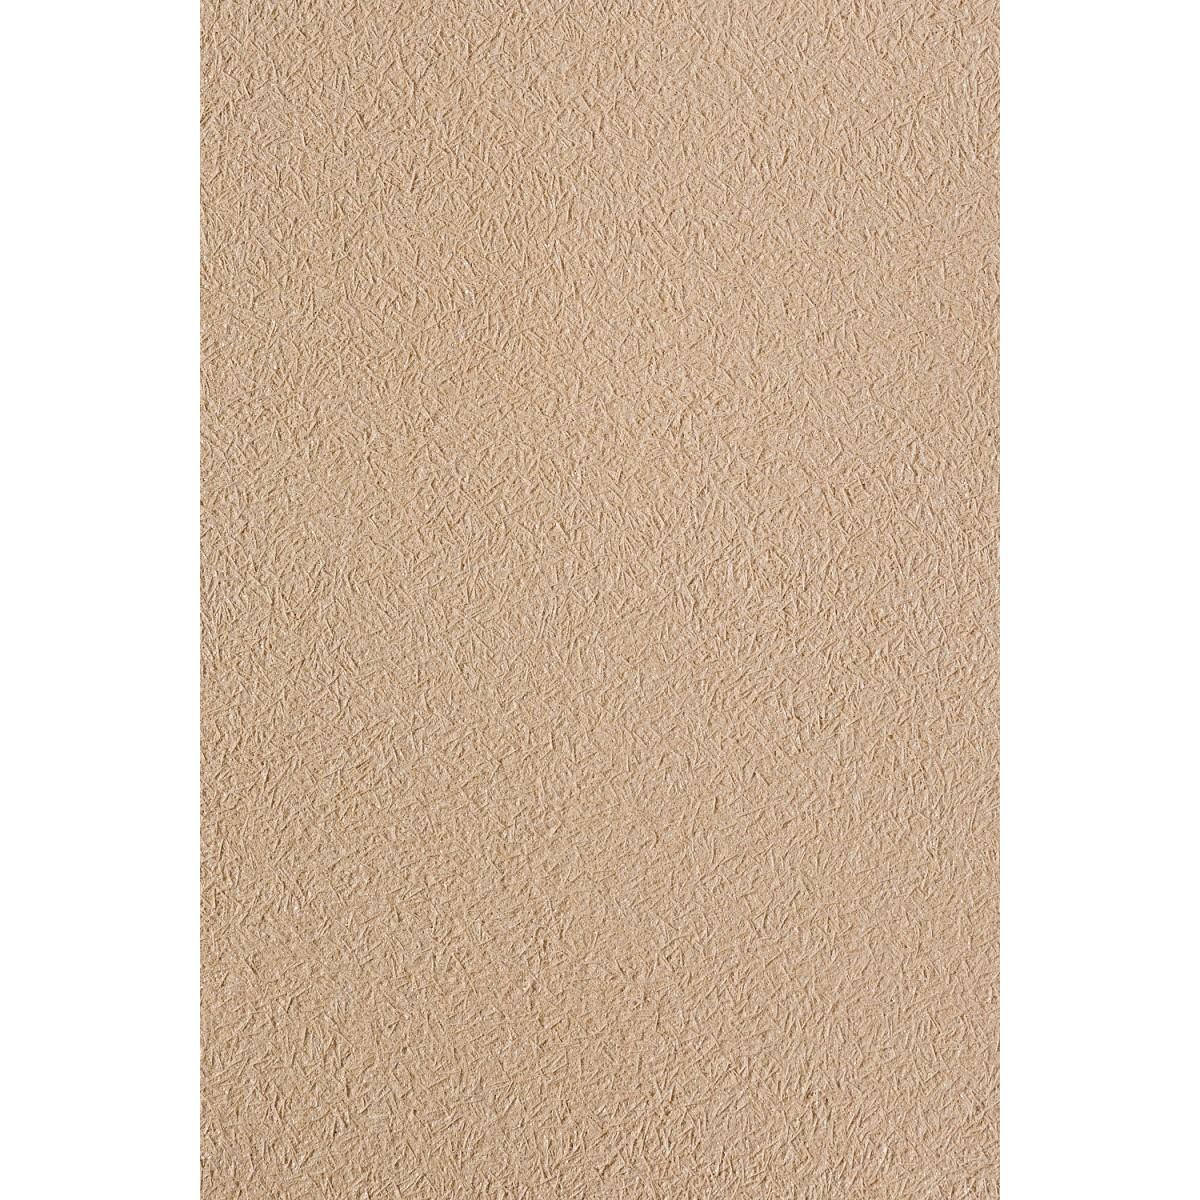 Жидкие обои Silk Plaster Миракл 1015 Н 1818 кг